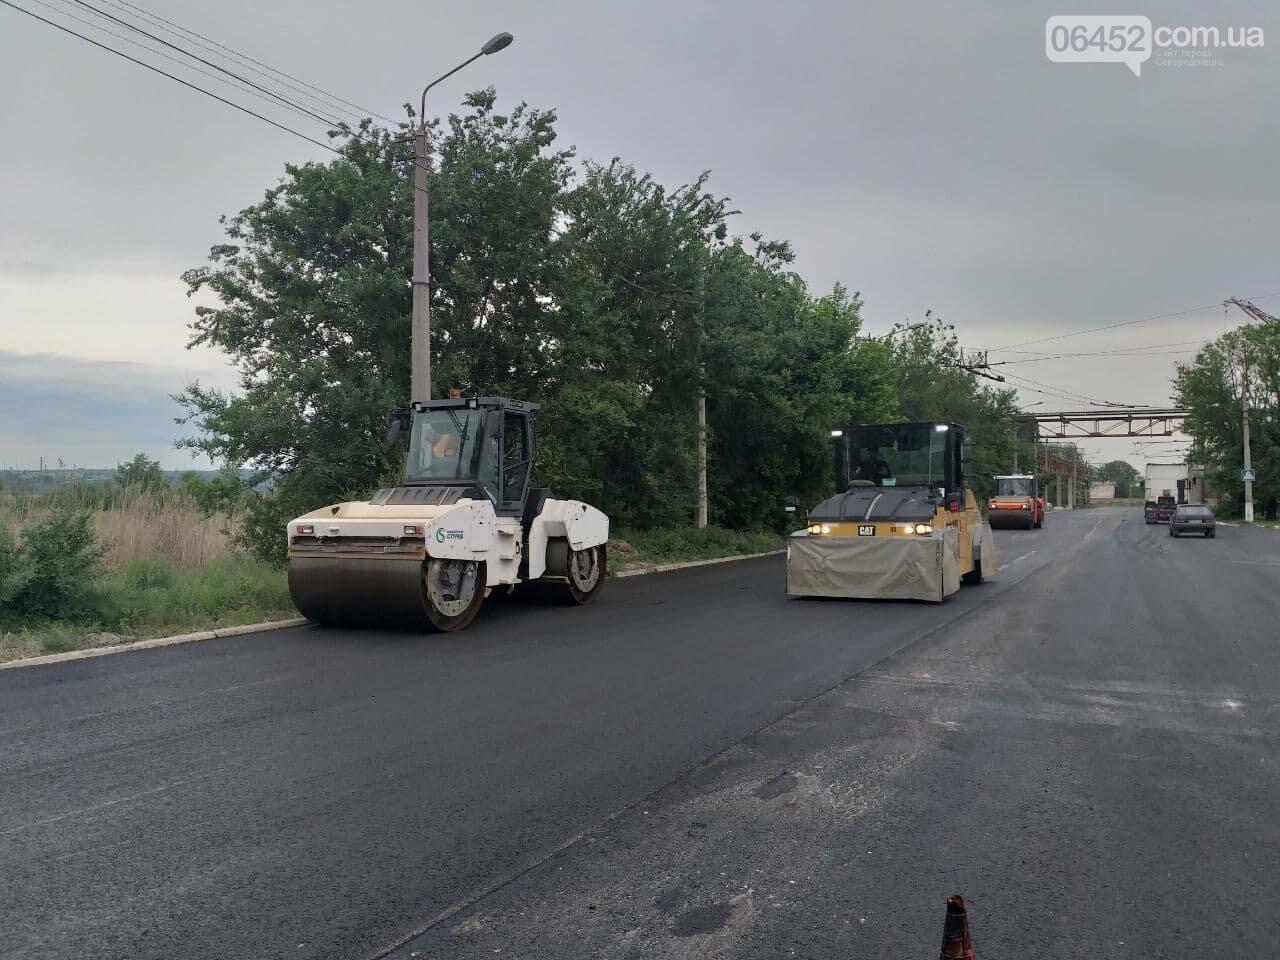 Ограничено движение троллейбусов и перекрыт пойменный мост: в Северодонецке ремонтируют дорогу, фото-10